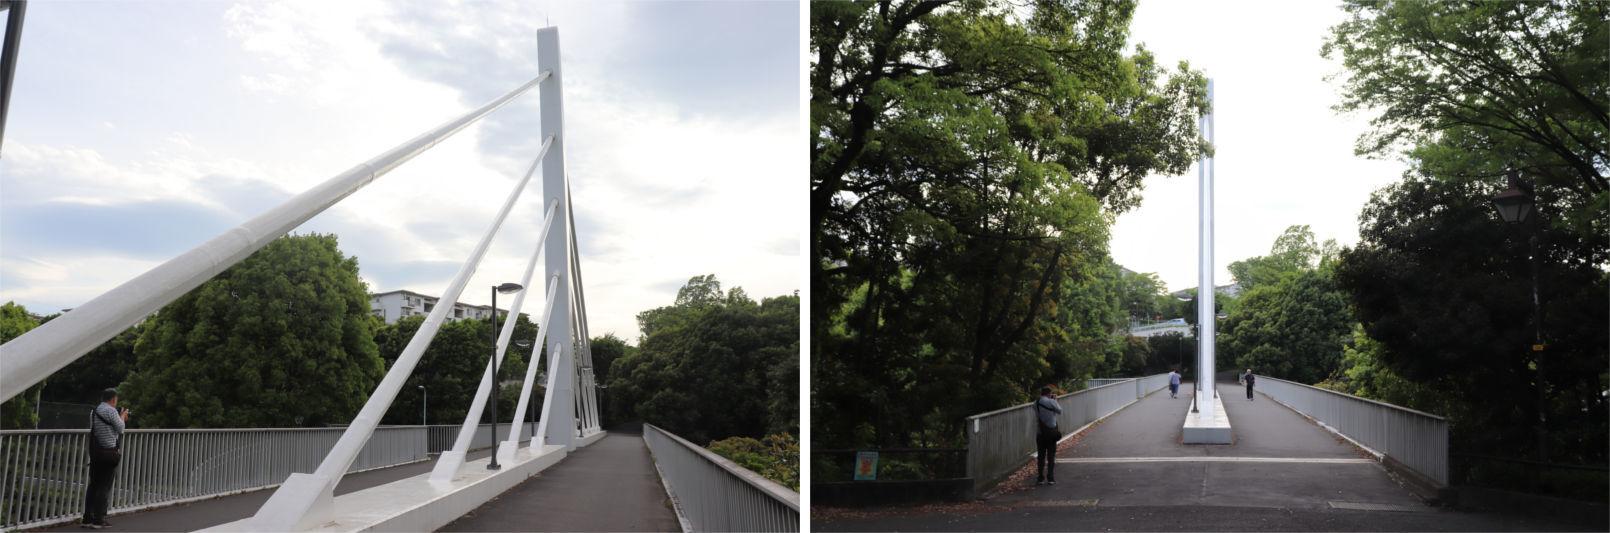 [多摩NTの橋ぜんぶ撮影PJ] No.86~90 瓜生地区の橋_a0332275_00292614.jpg